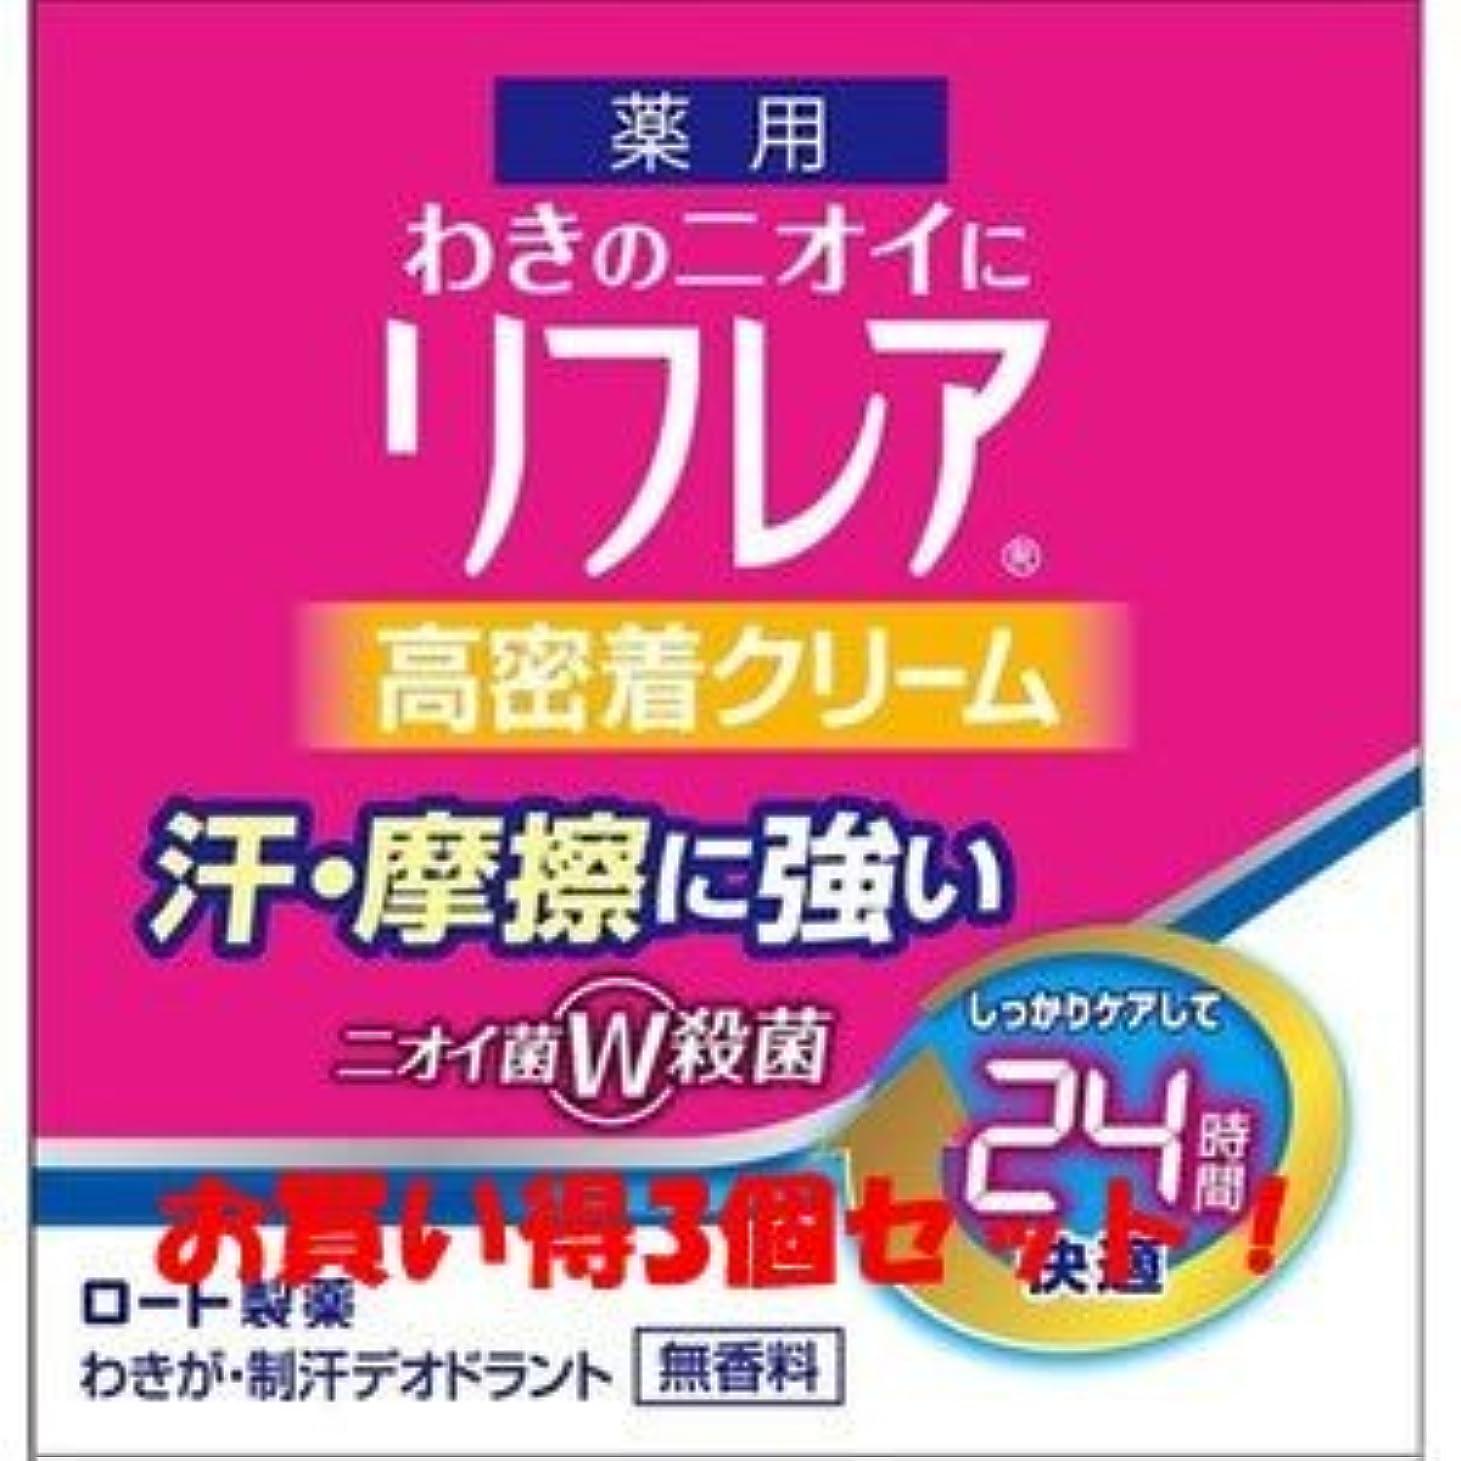 浸漬混沌合併症(ロート製薬)メンソレータム リフレア デオドラントクリーム 55g(医薬部外品)(お買い得3個セット)